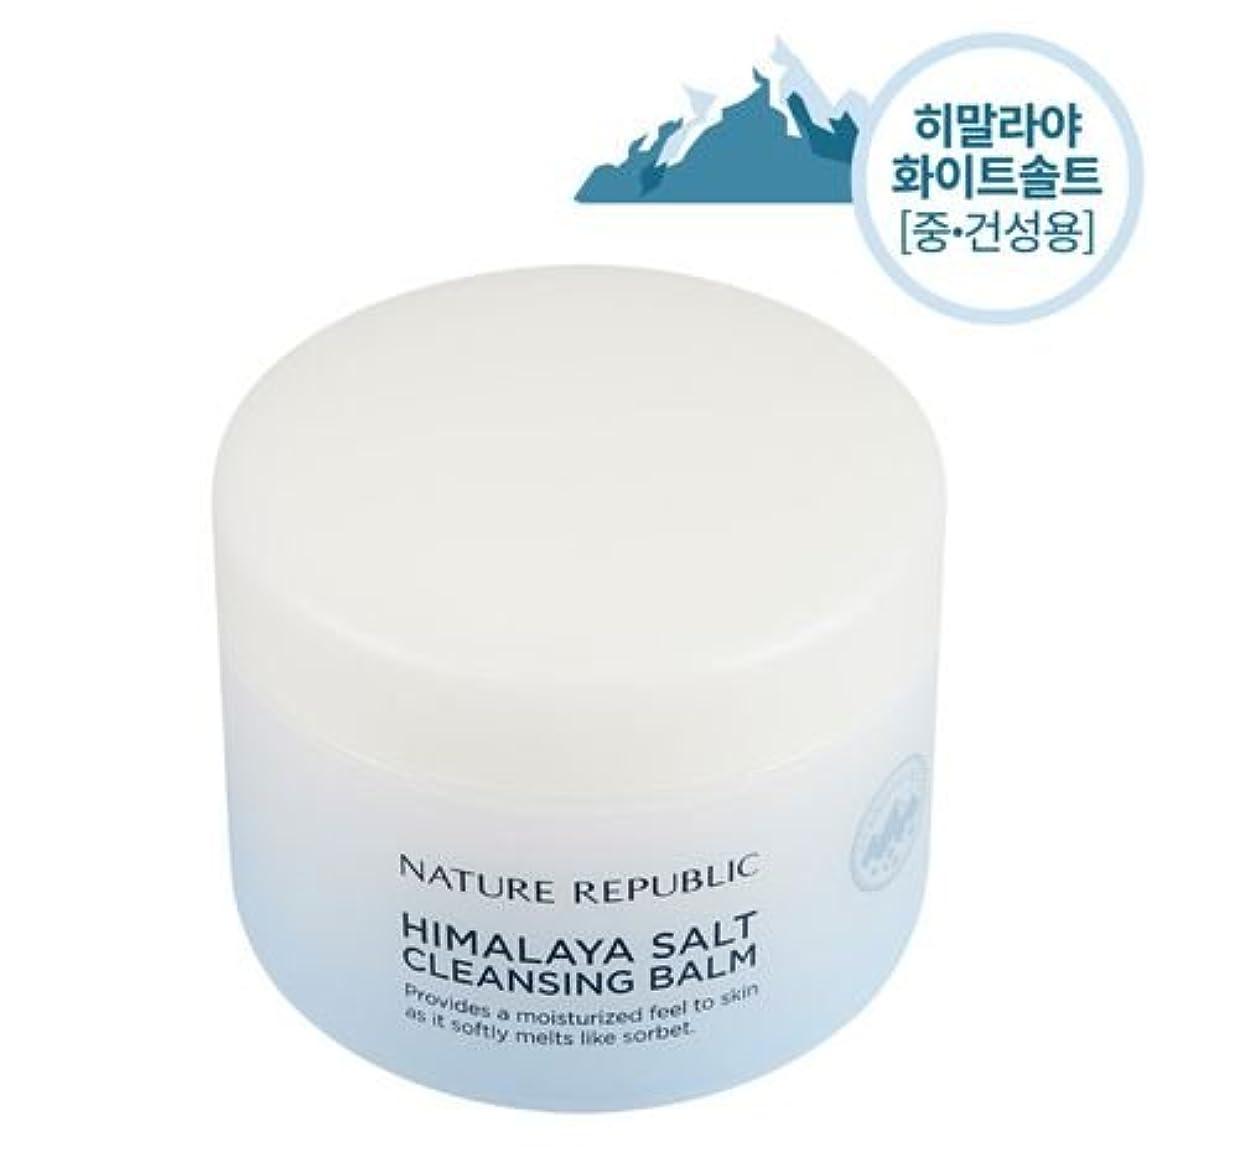 区別タイプライター辞任するNATURE REPUBLIC Himalaya salt cleansing balm (white salt)ヒマラヤソルトクレンジングバーム(white salt) [並行輸入品]